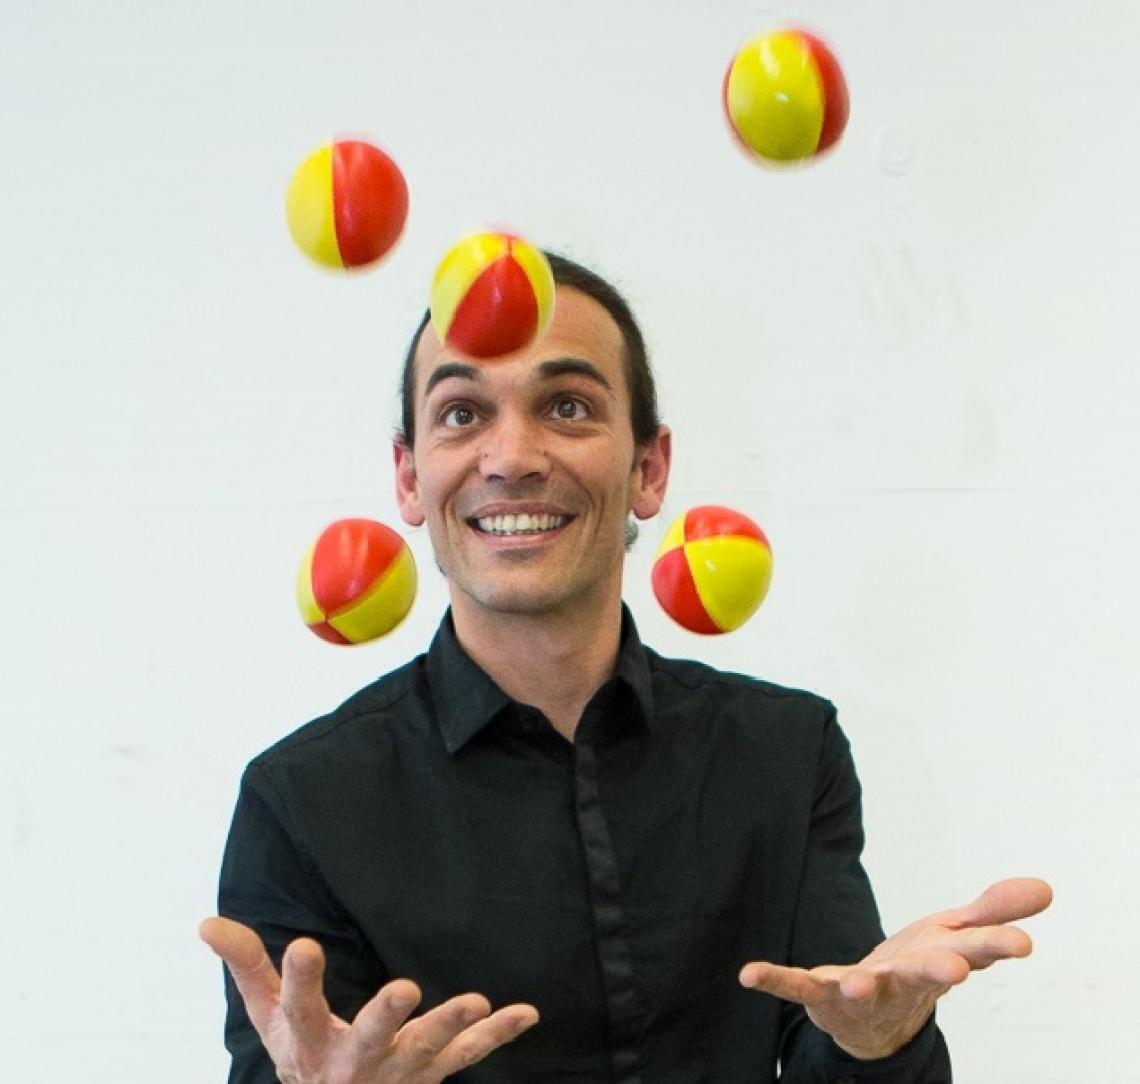 jonglage ich spiele auch andere shows mit unterschiedlichen jonglierrequisiten!